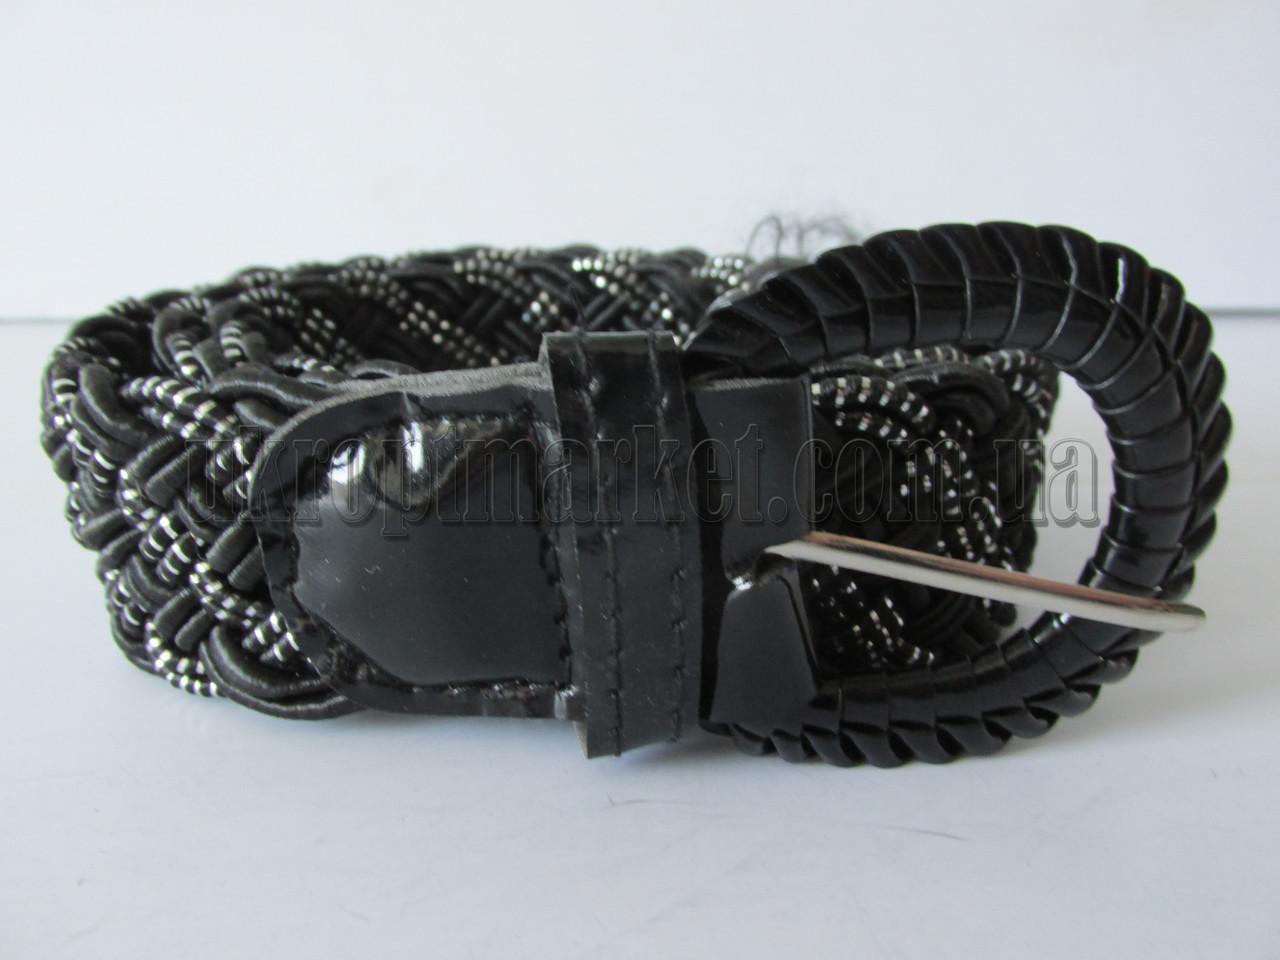 """Ремень женский плетенка шпенек черный\белый(ткань, 40 мм.) №М18133 """"Remen"""" LM-638"""